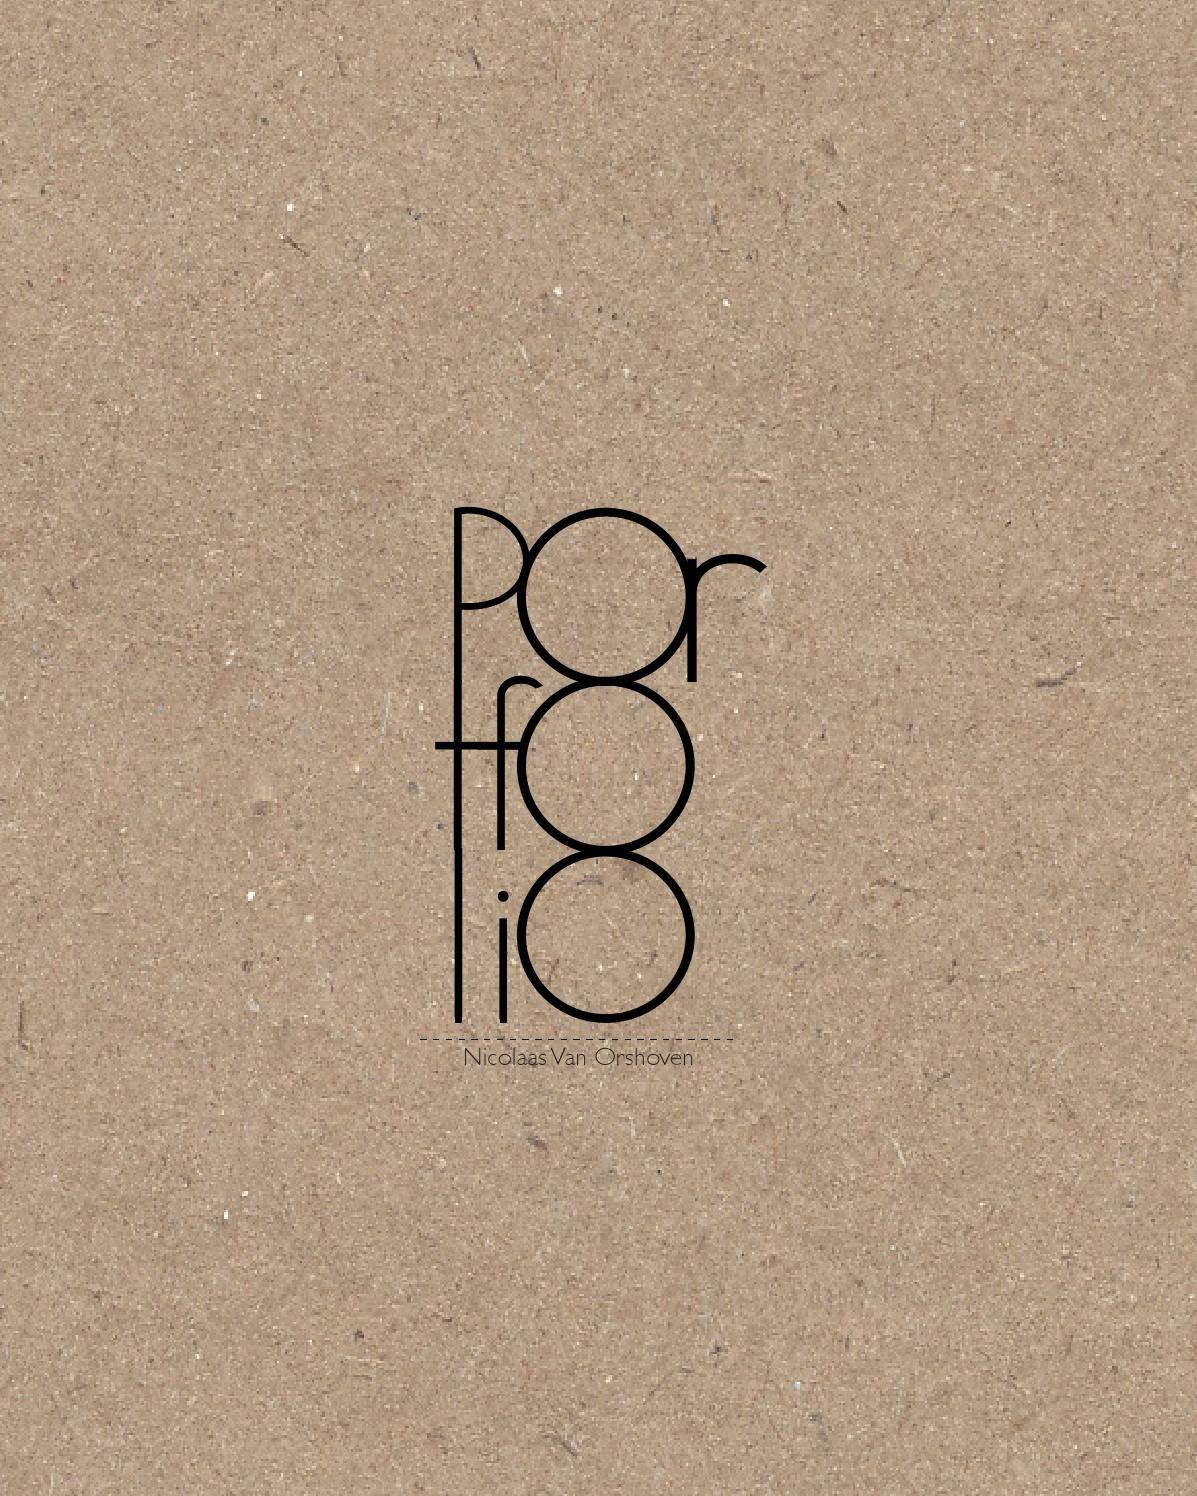 Architecture Portfolio Online DesignGraphic PortfolioGraphic Design PortfoliosInterior